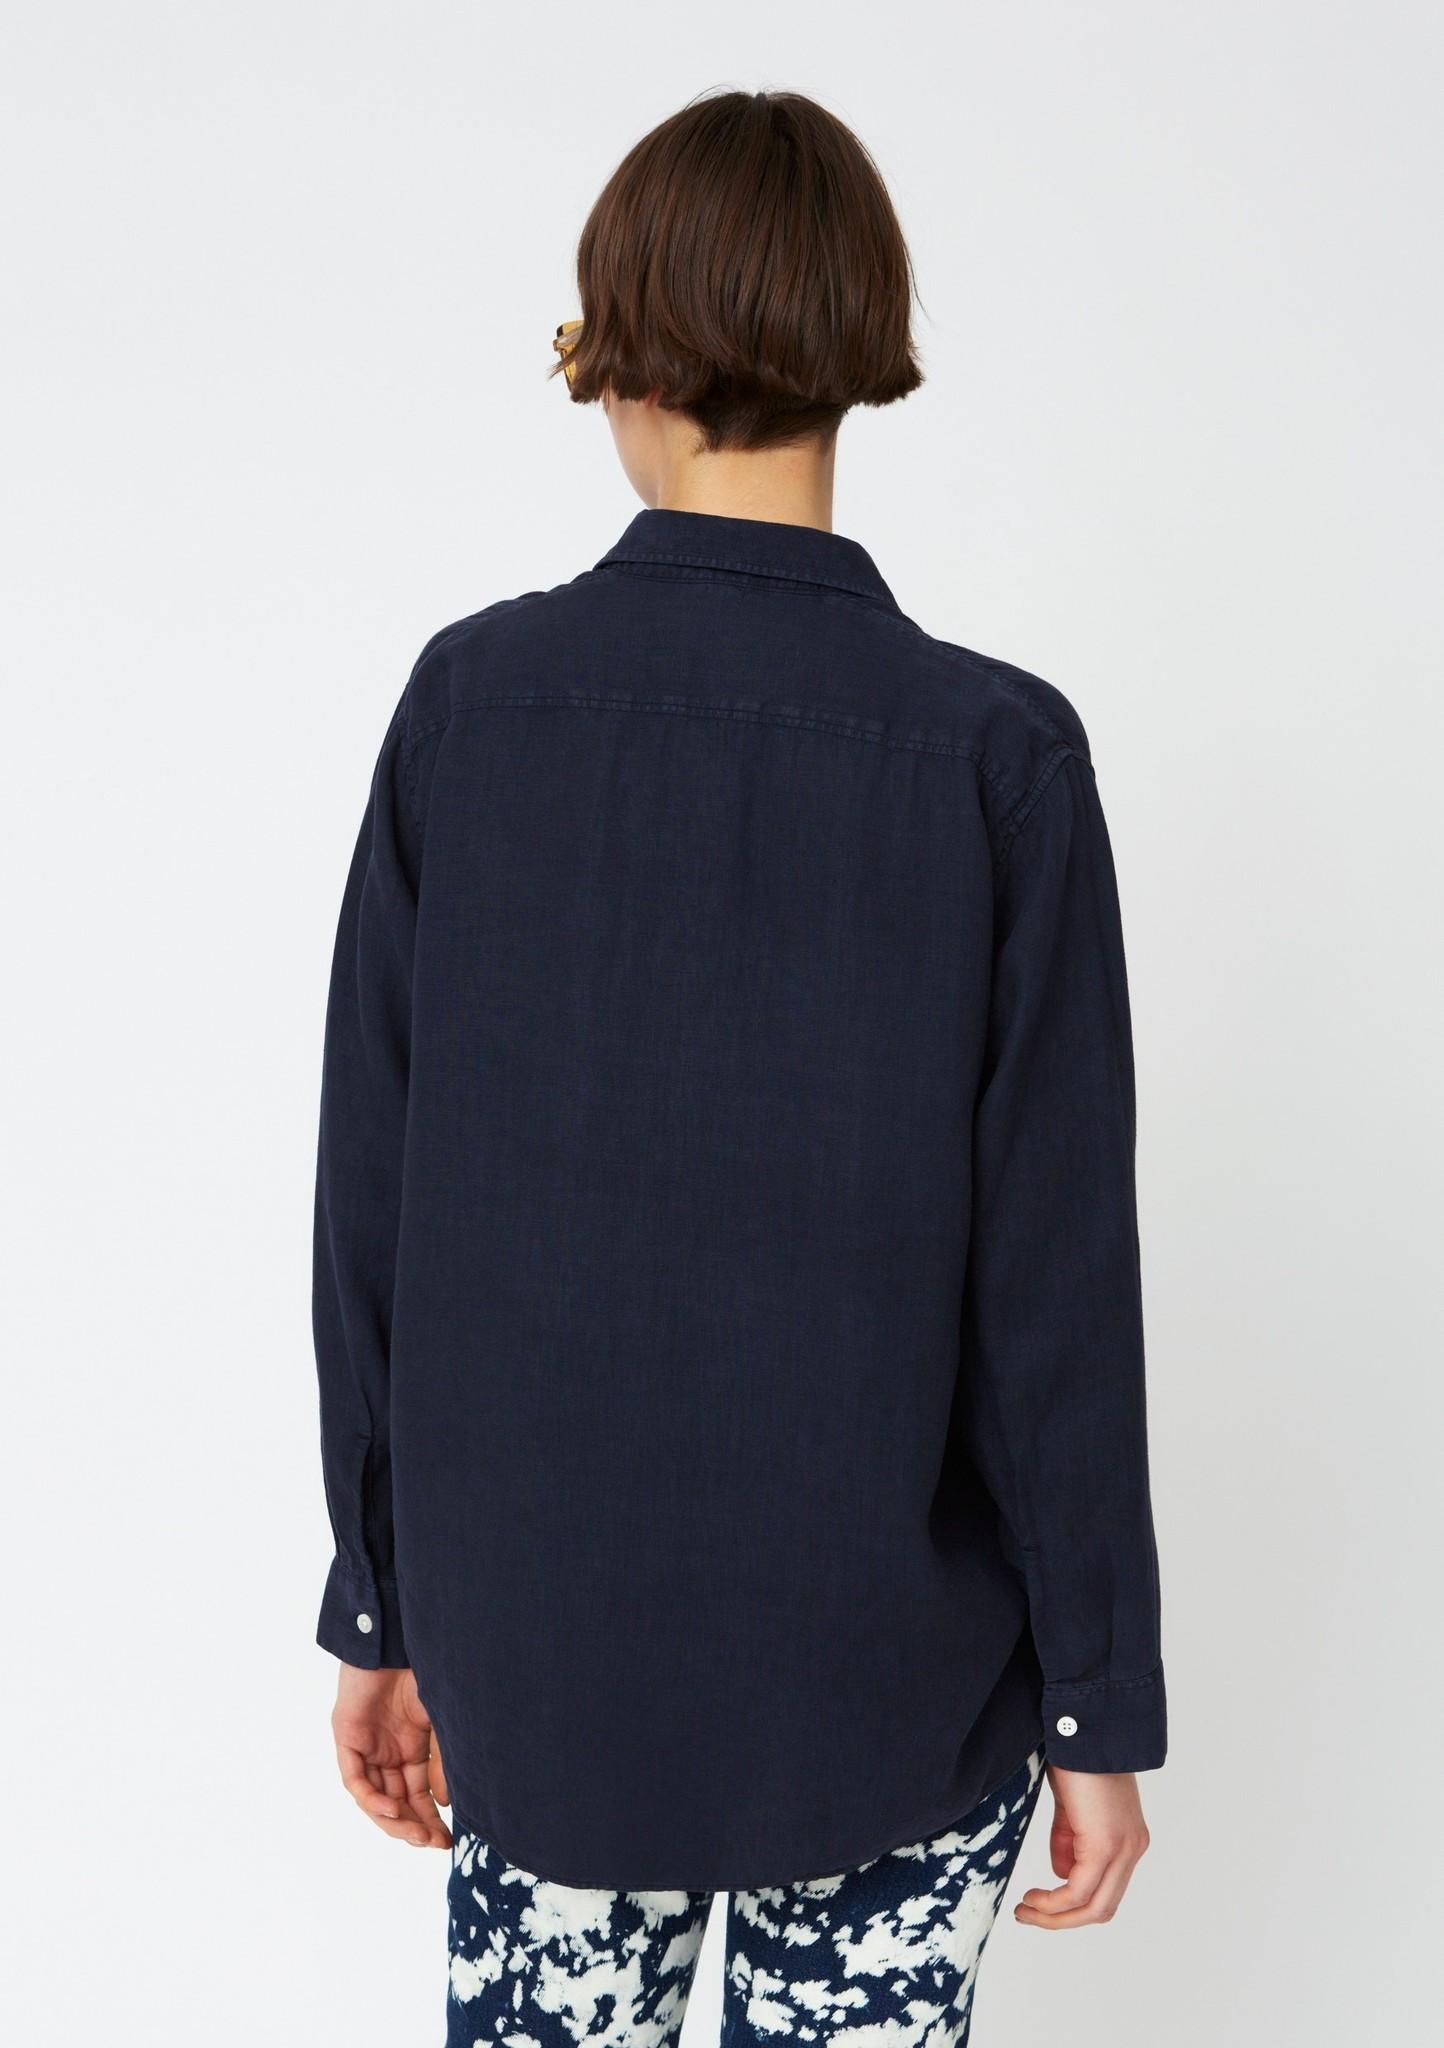 Elma shirt navy